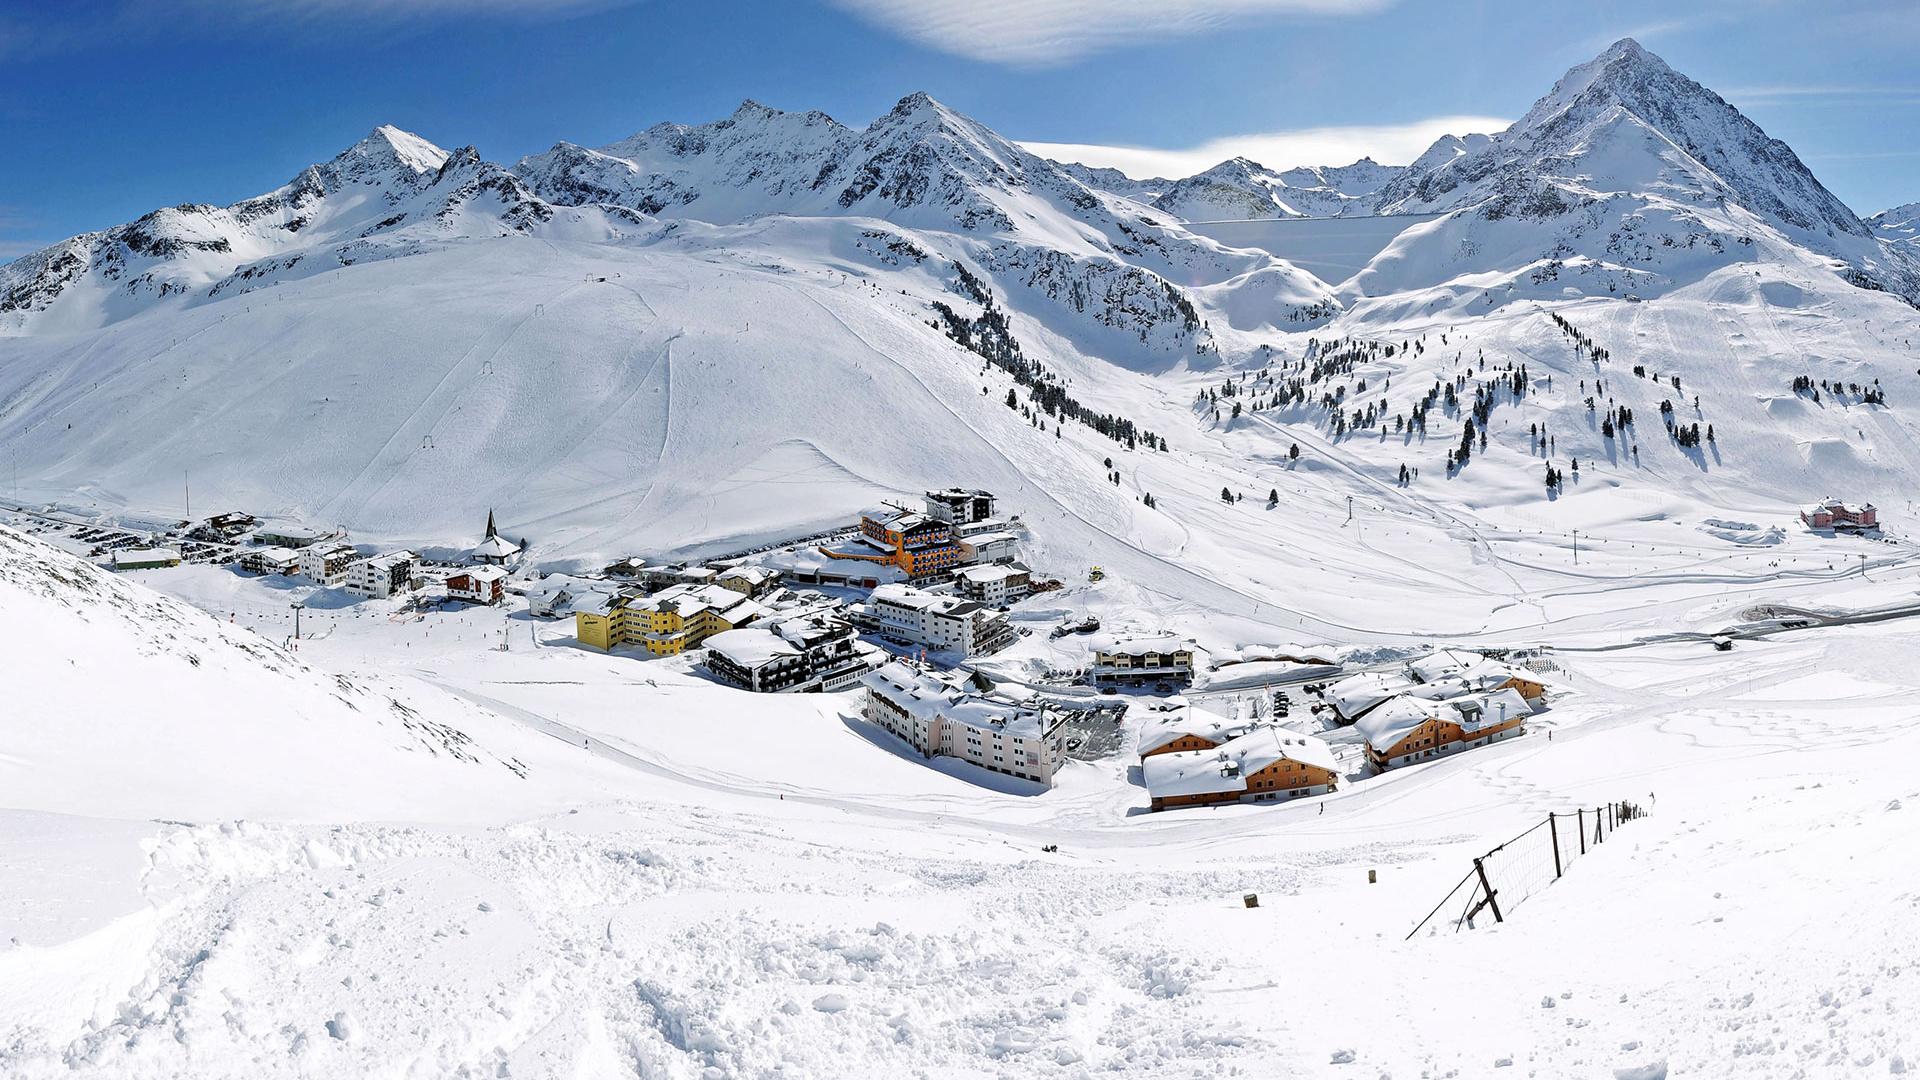 Resorts under mountains in Innsbruck, Austria